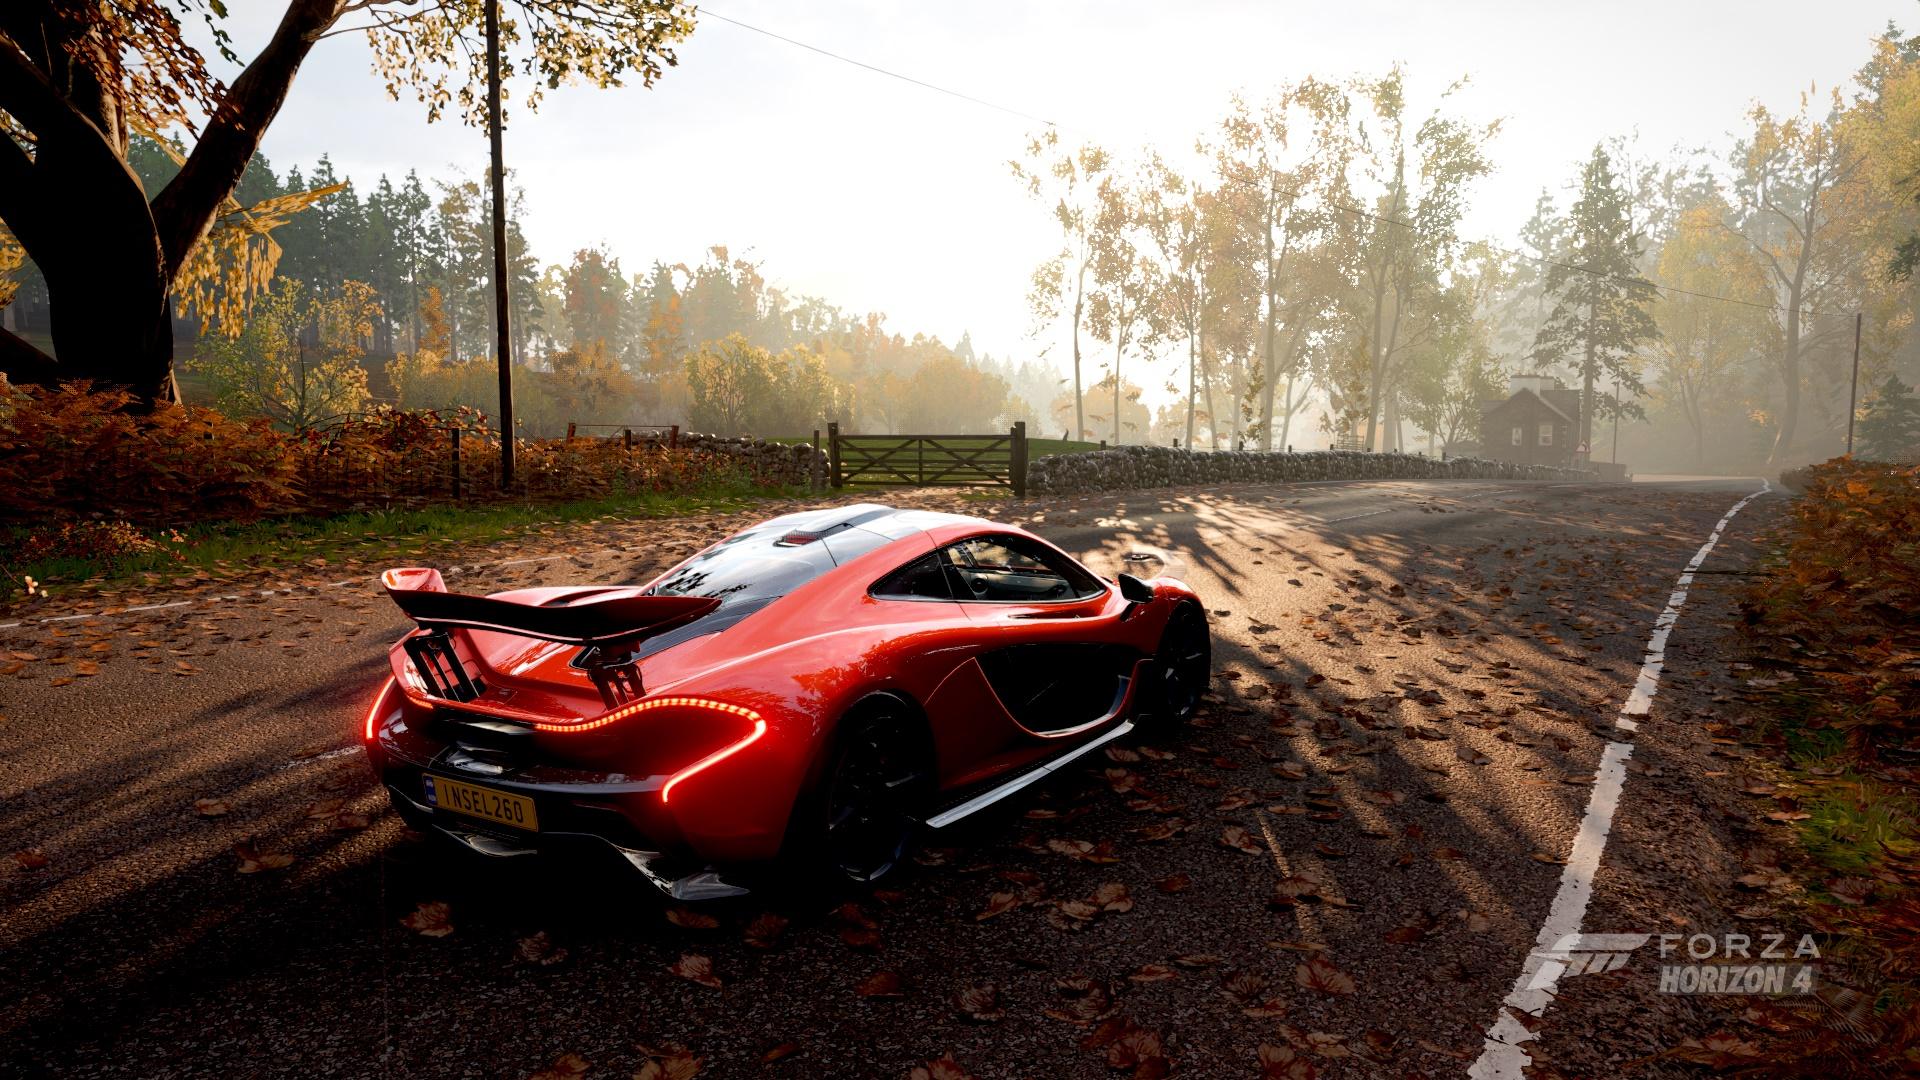 осень.jpg - Forza Horizon 4